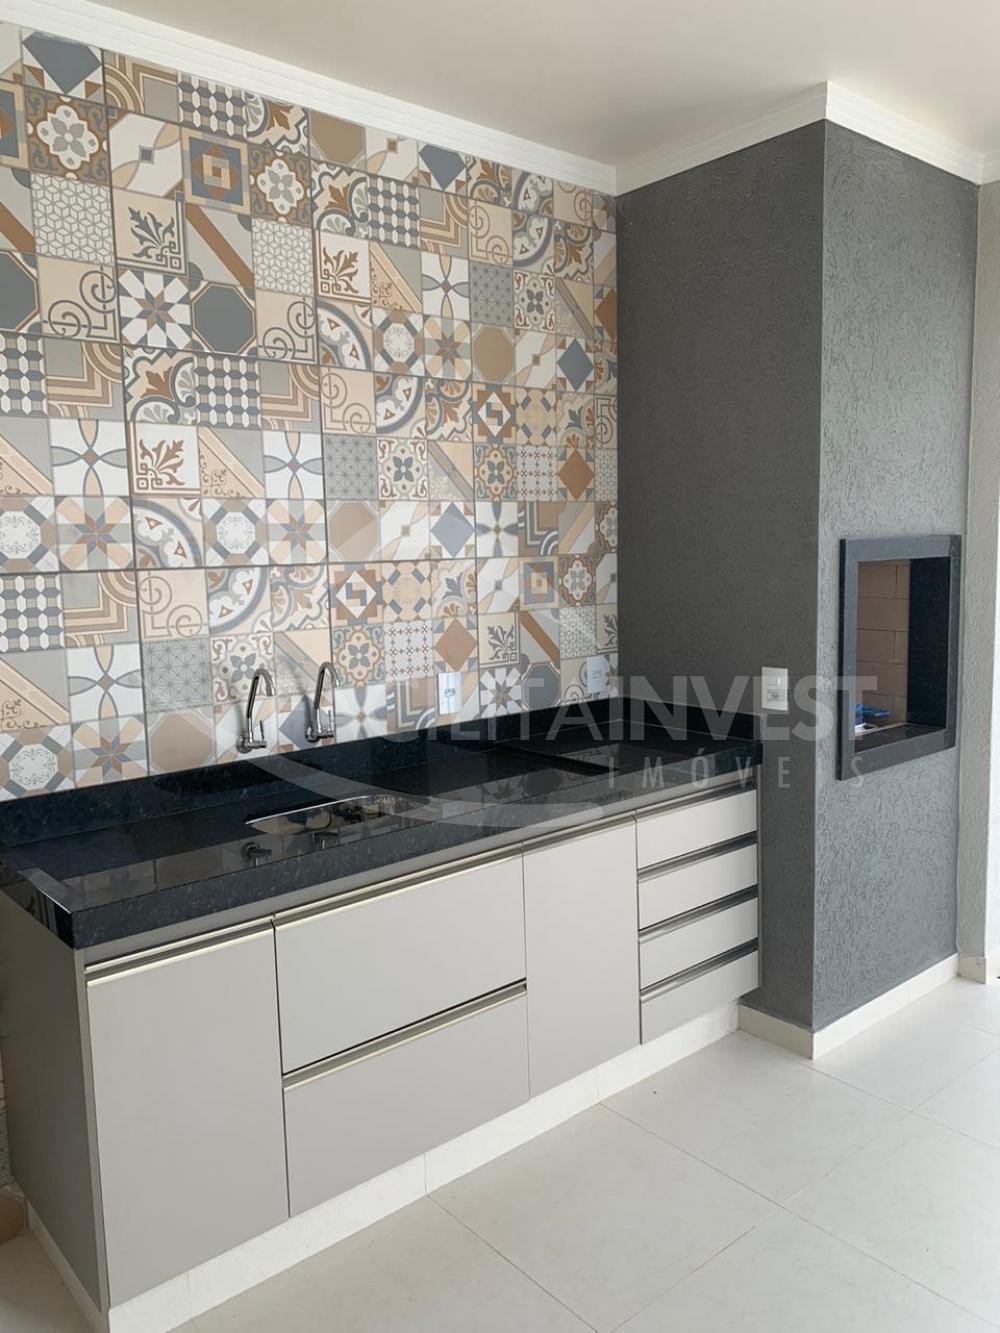 Comprar Casa Condomínio / Casa Condomínio em Ribeirão Preto apenas R$ 650.000,00 - Foto 8